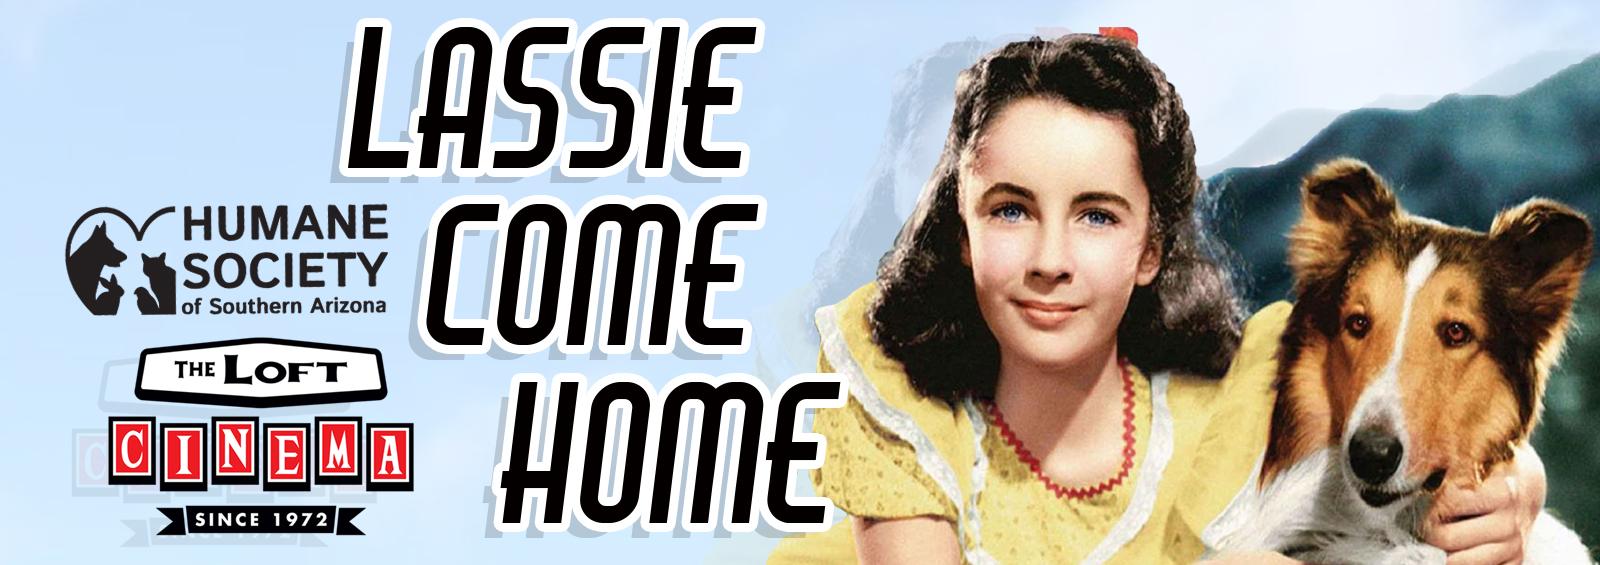 Lassie come home website graphic